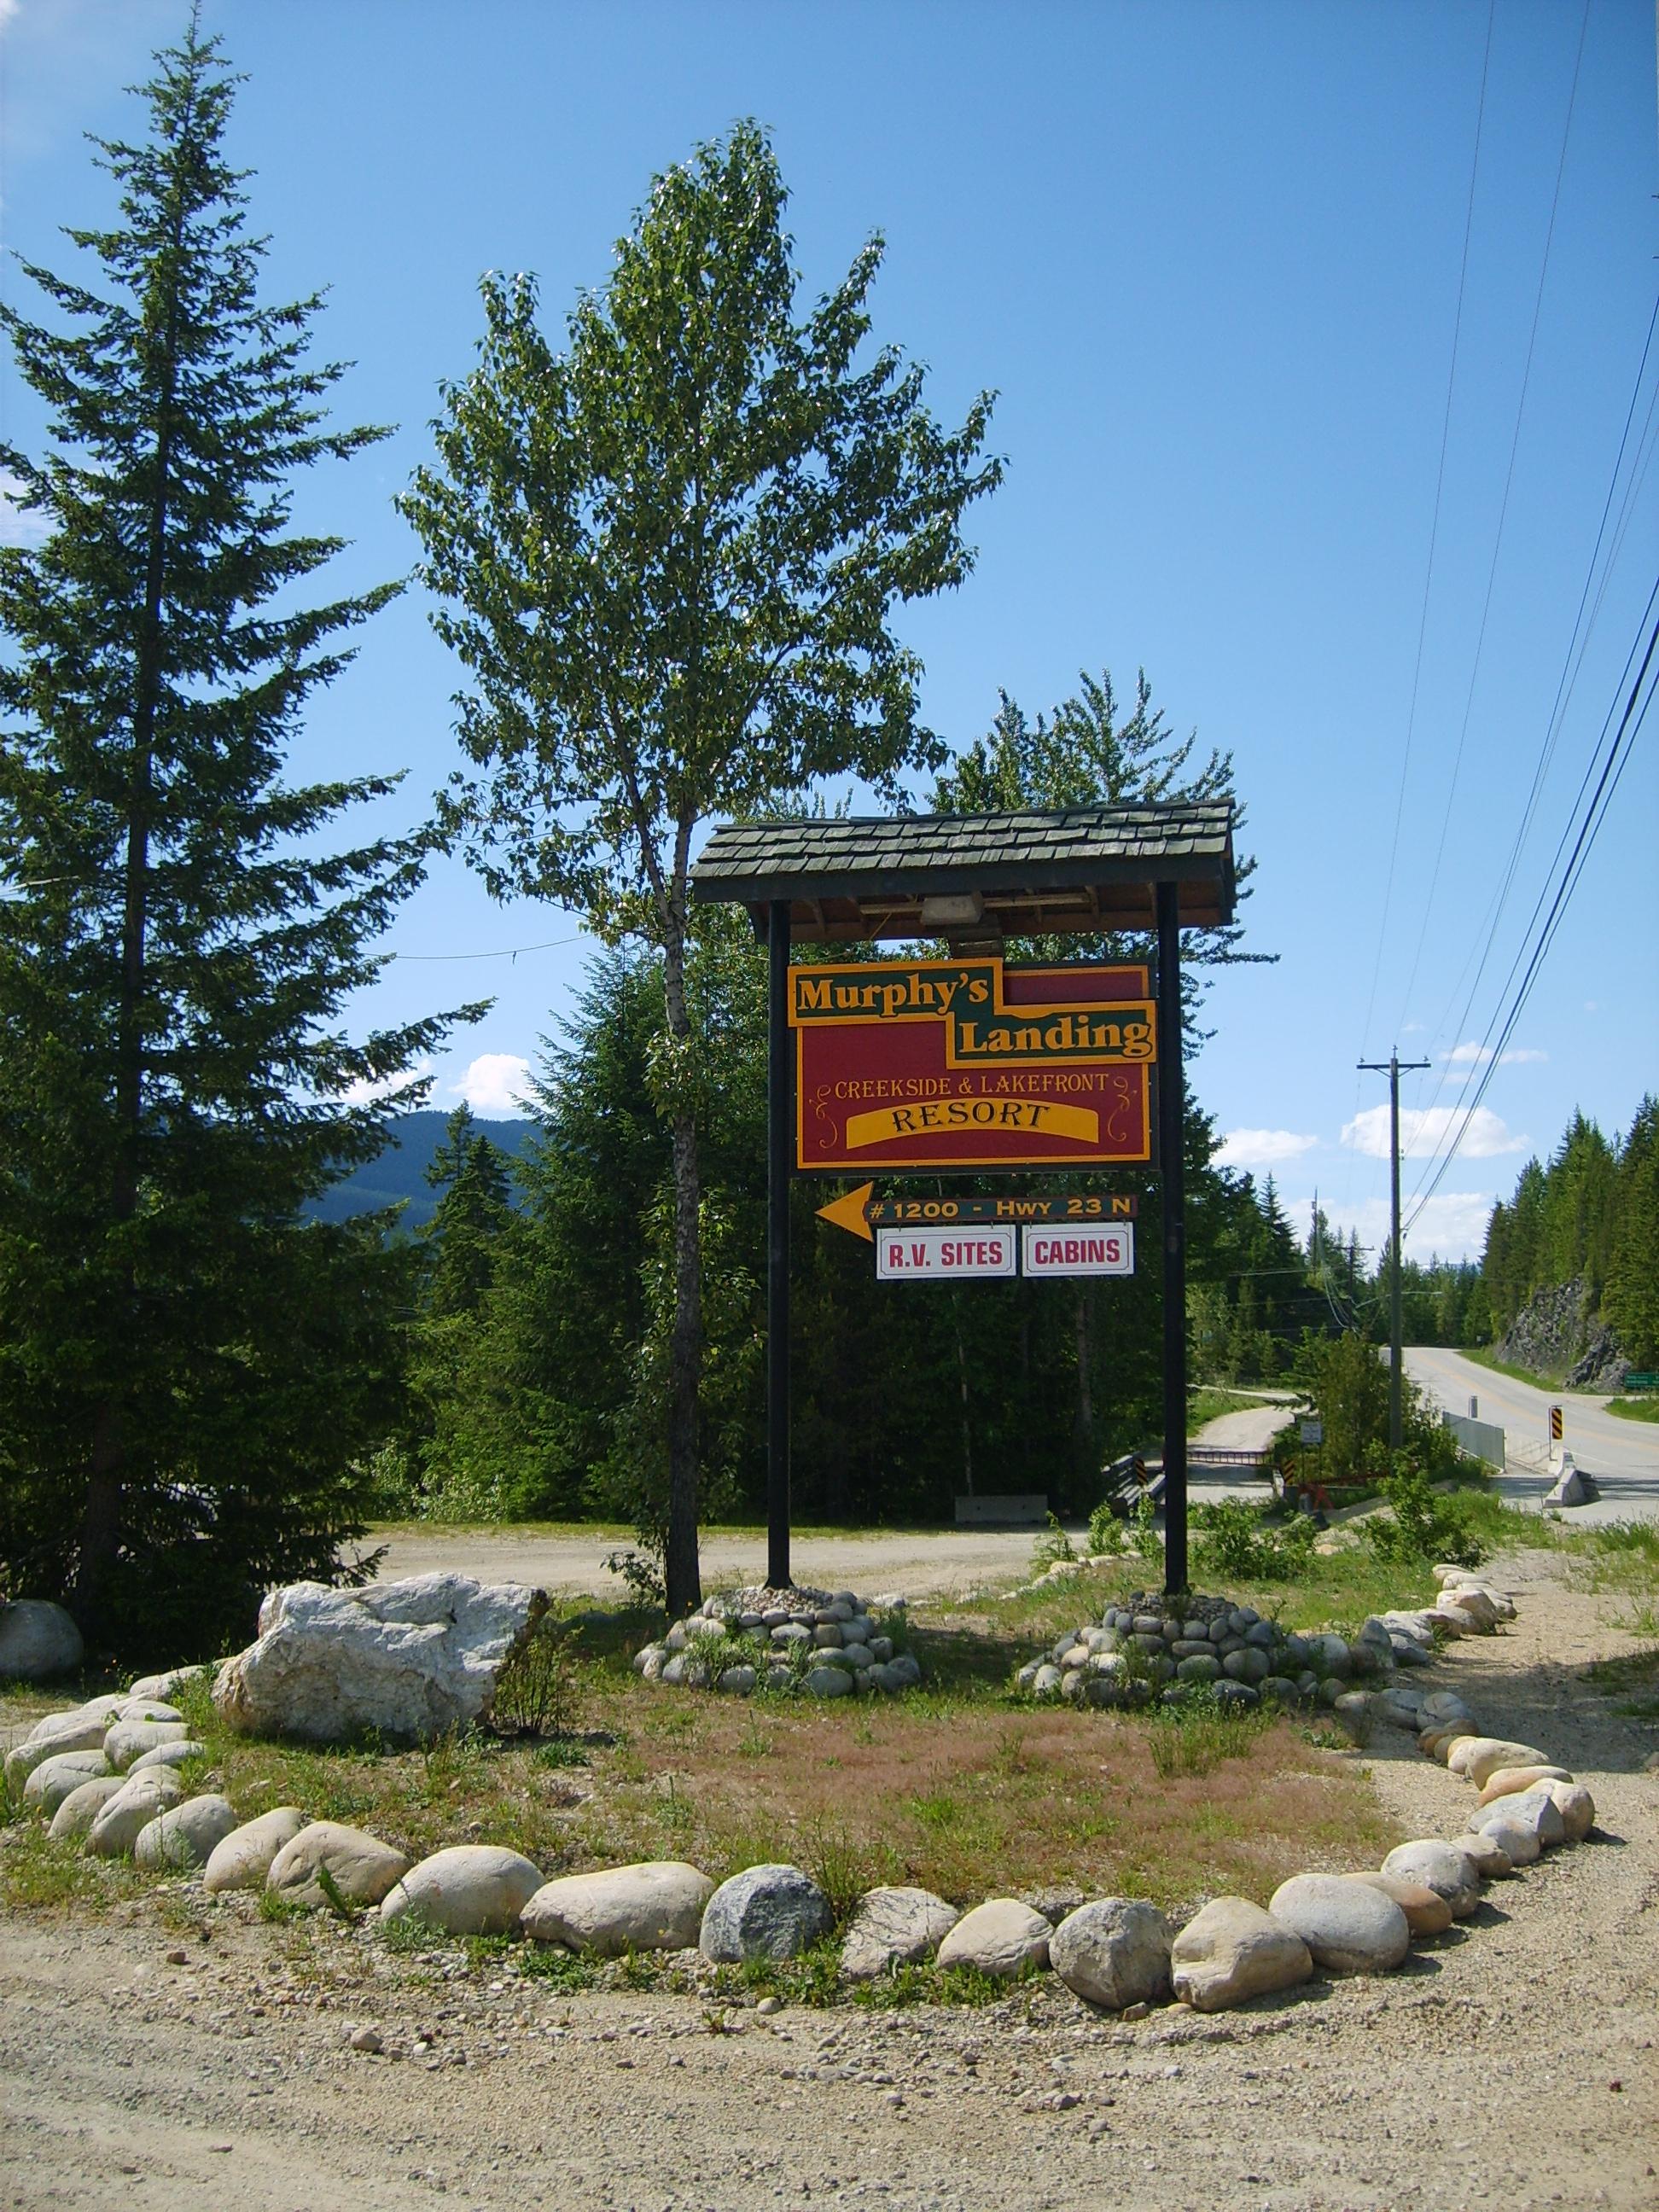 #1200 Hwy 23N Road Sign